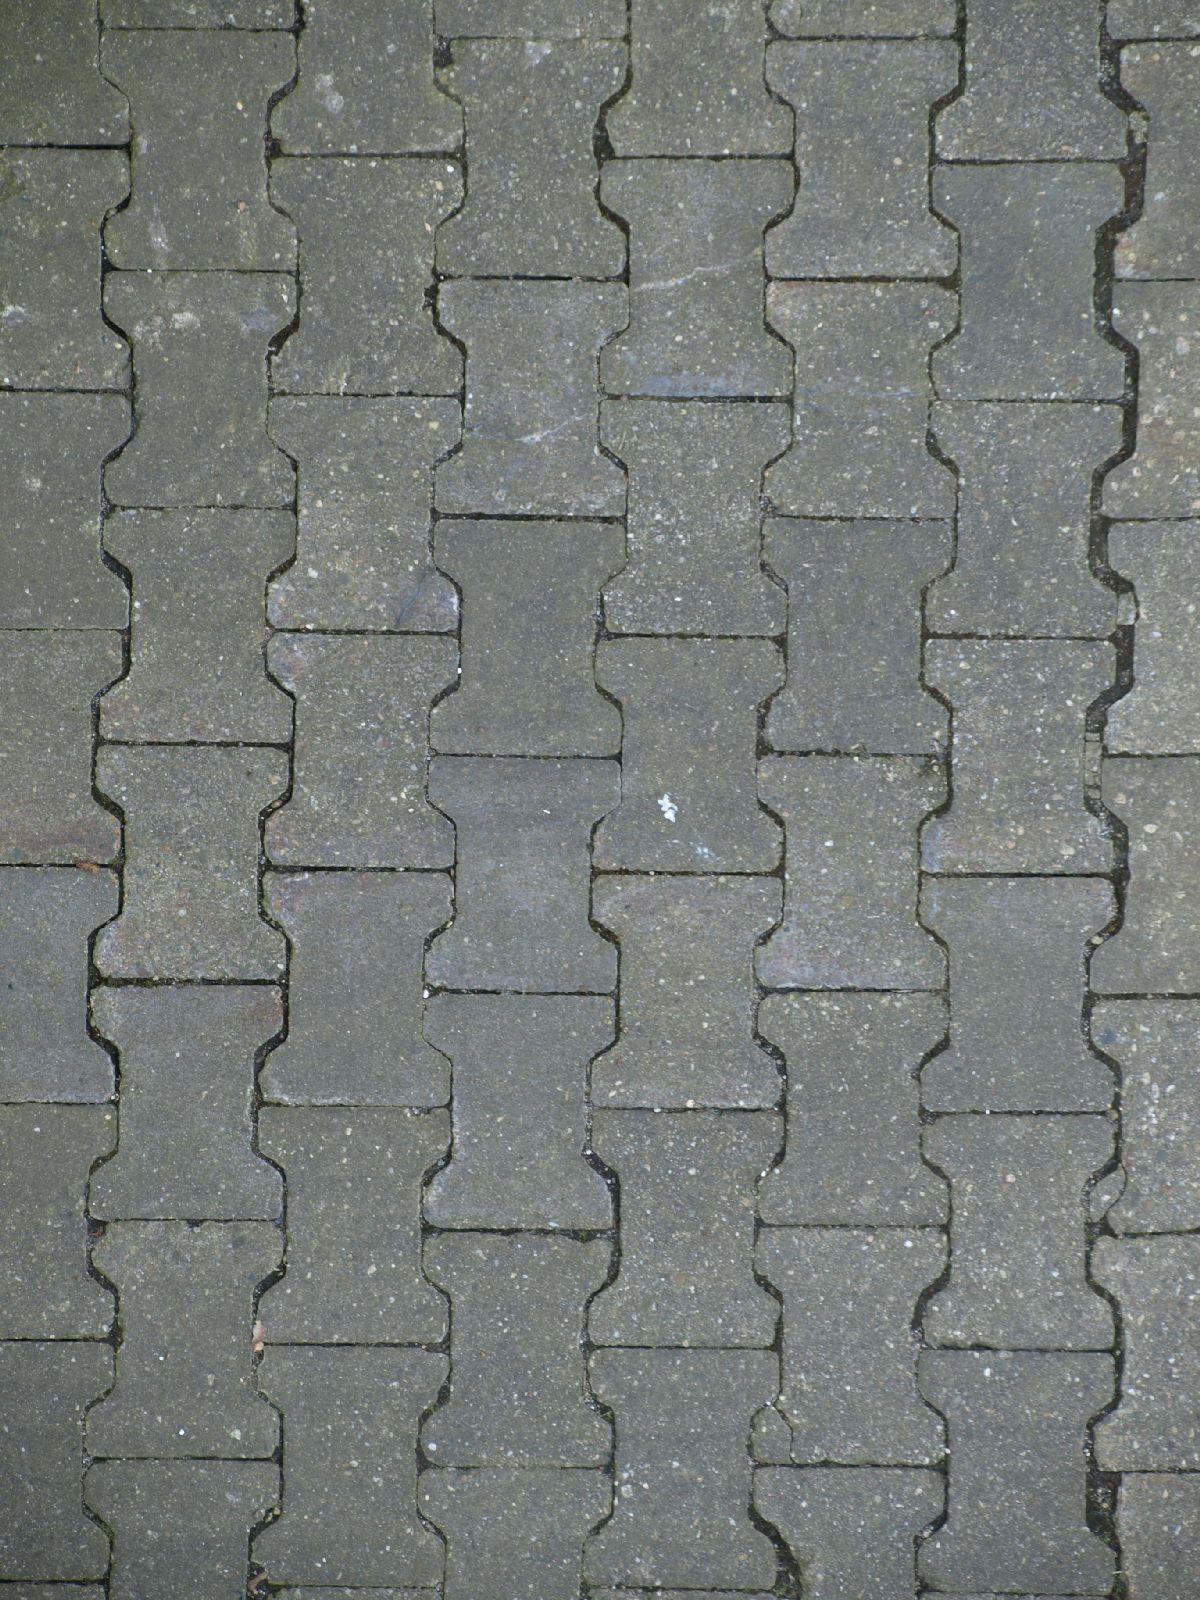 Ground-Urban_Texture_A_P4171292